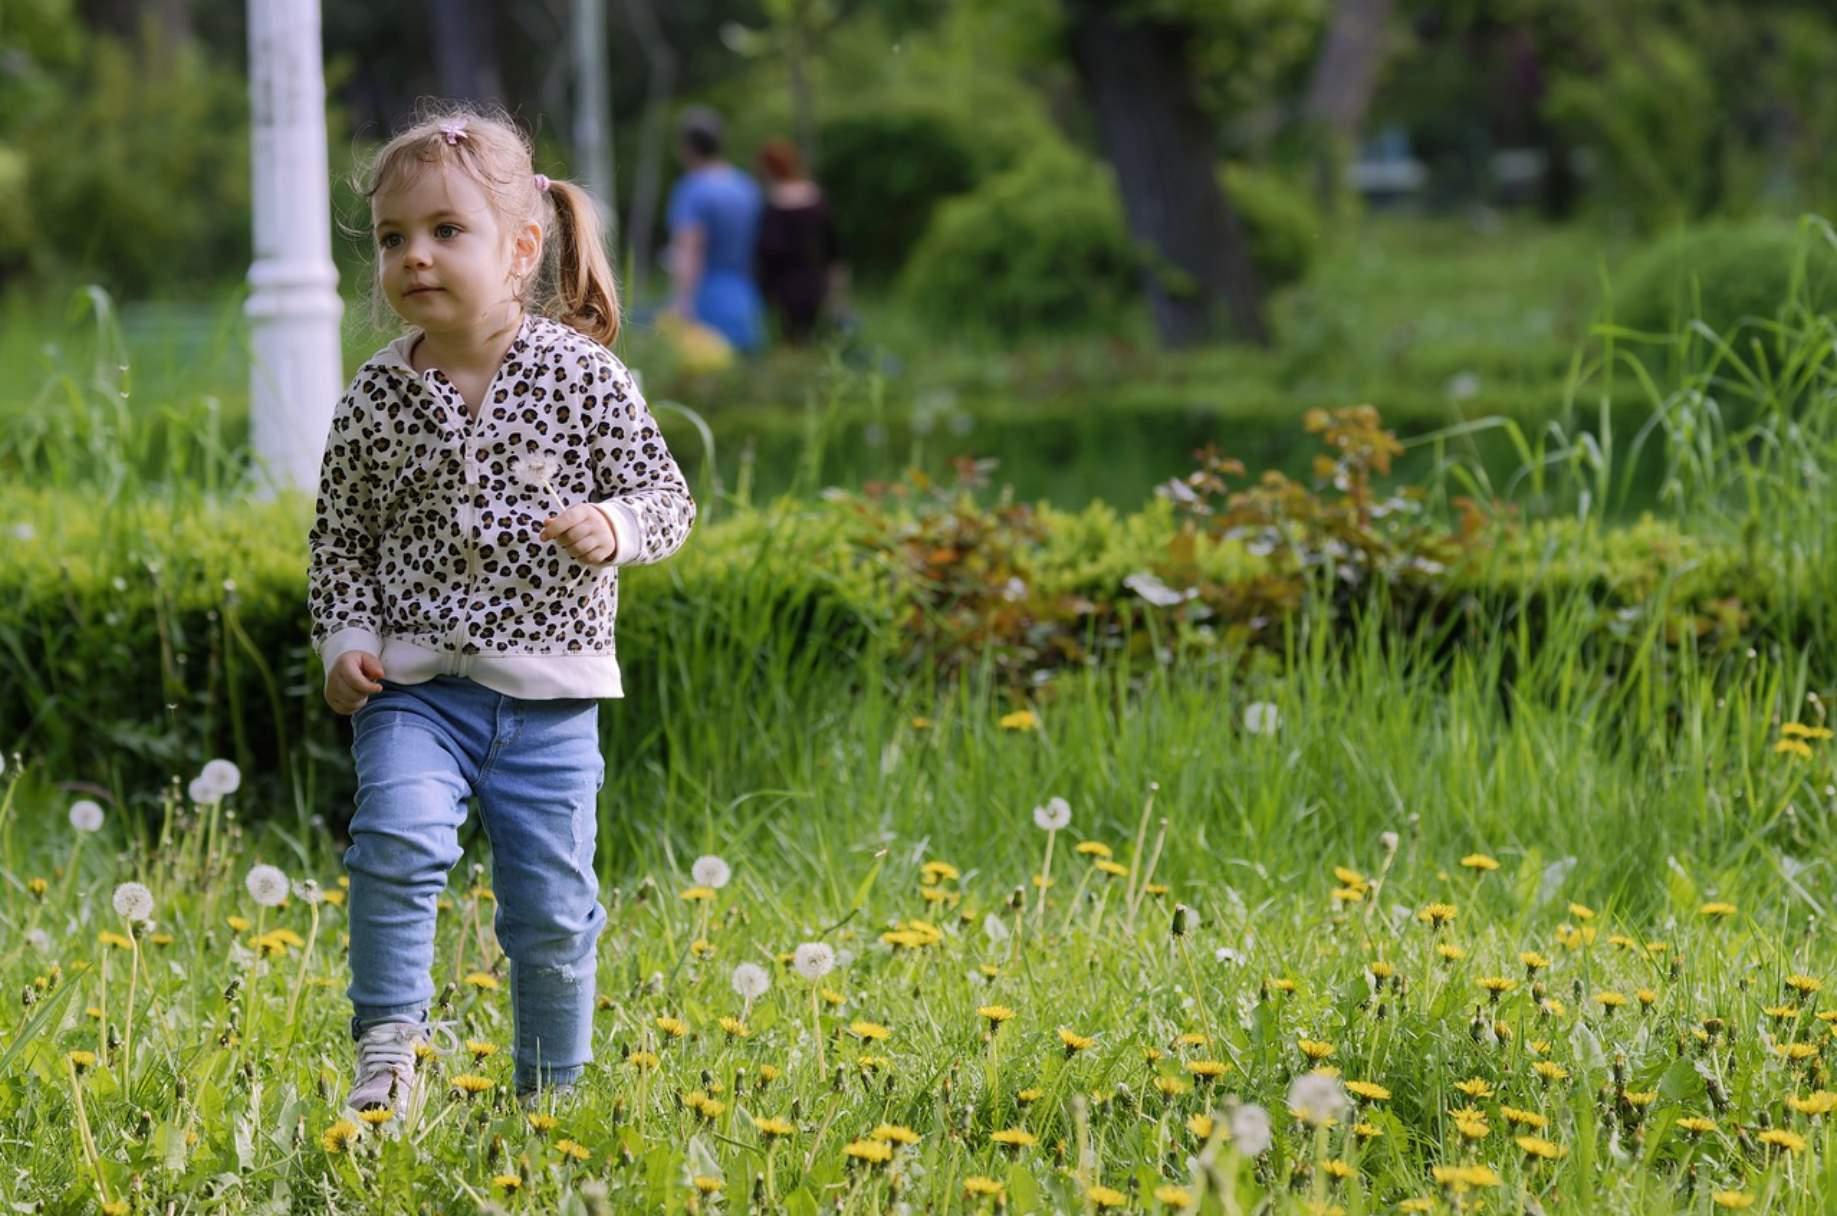 Gradinarit pentru copii! Plantarea semintelor si alte idei de gradina pentru copii 1